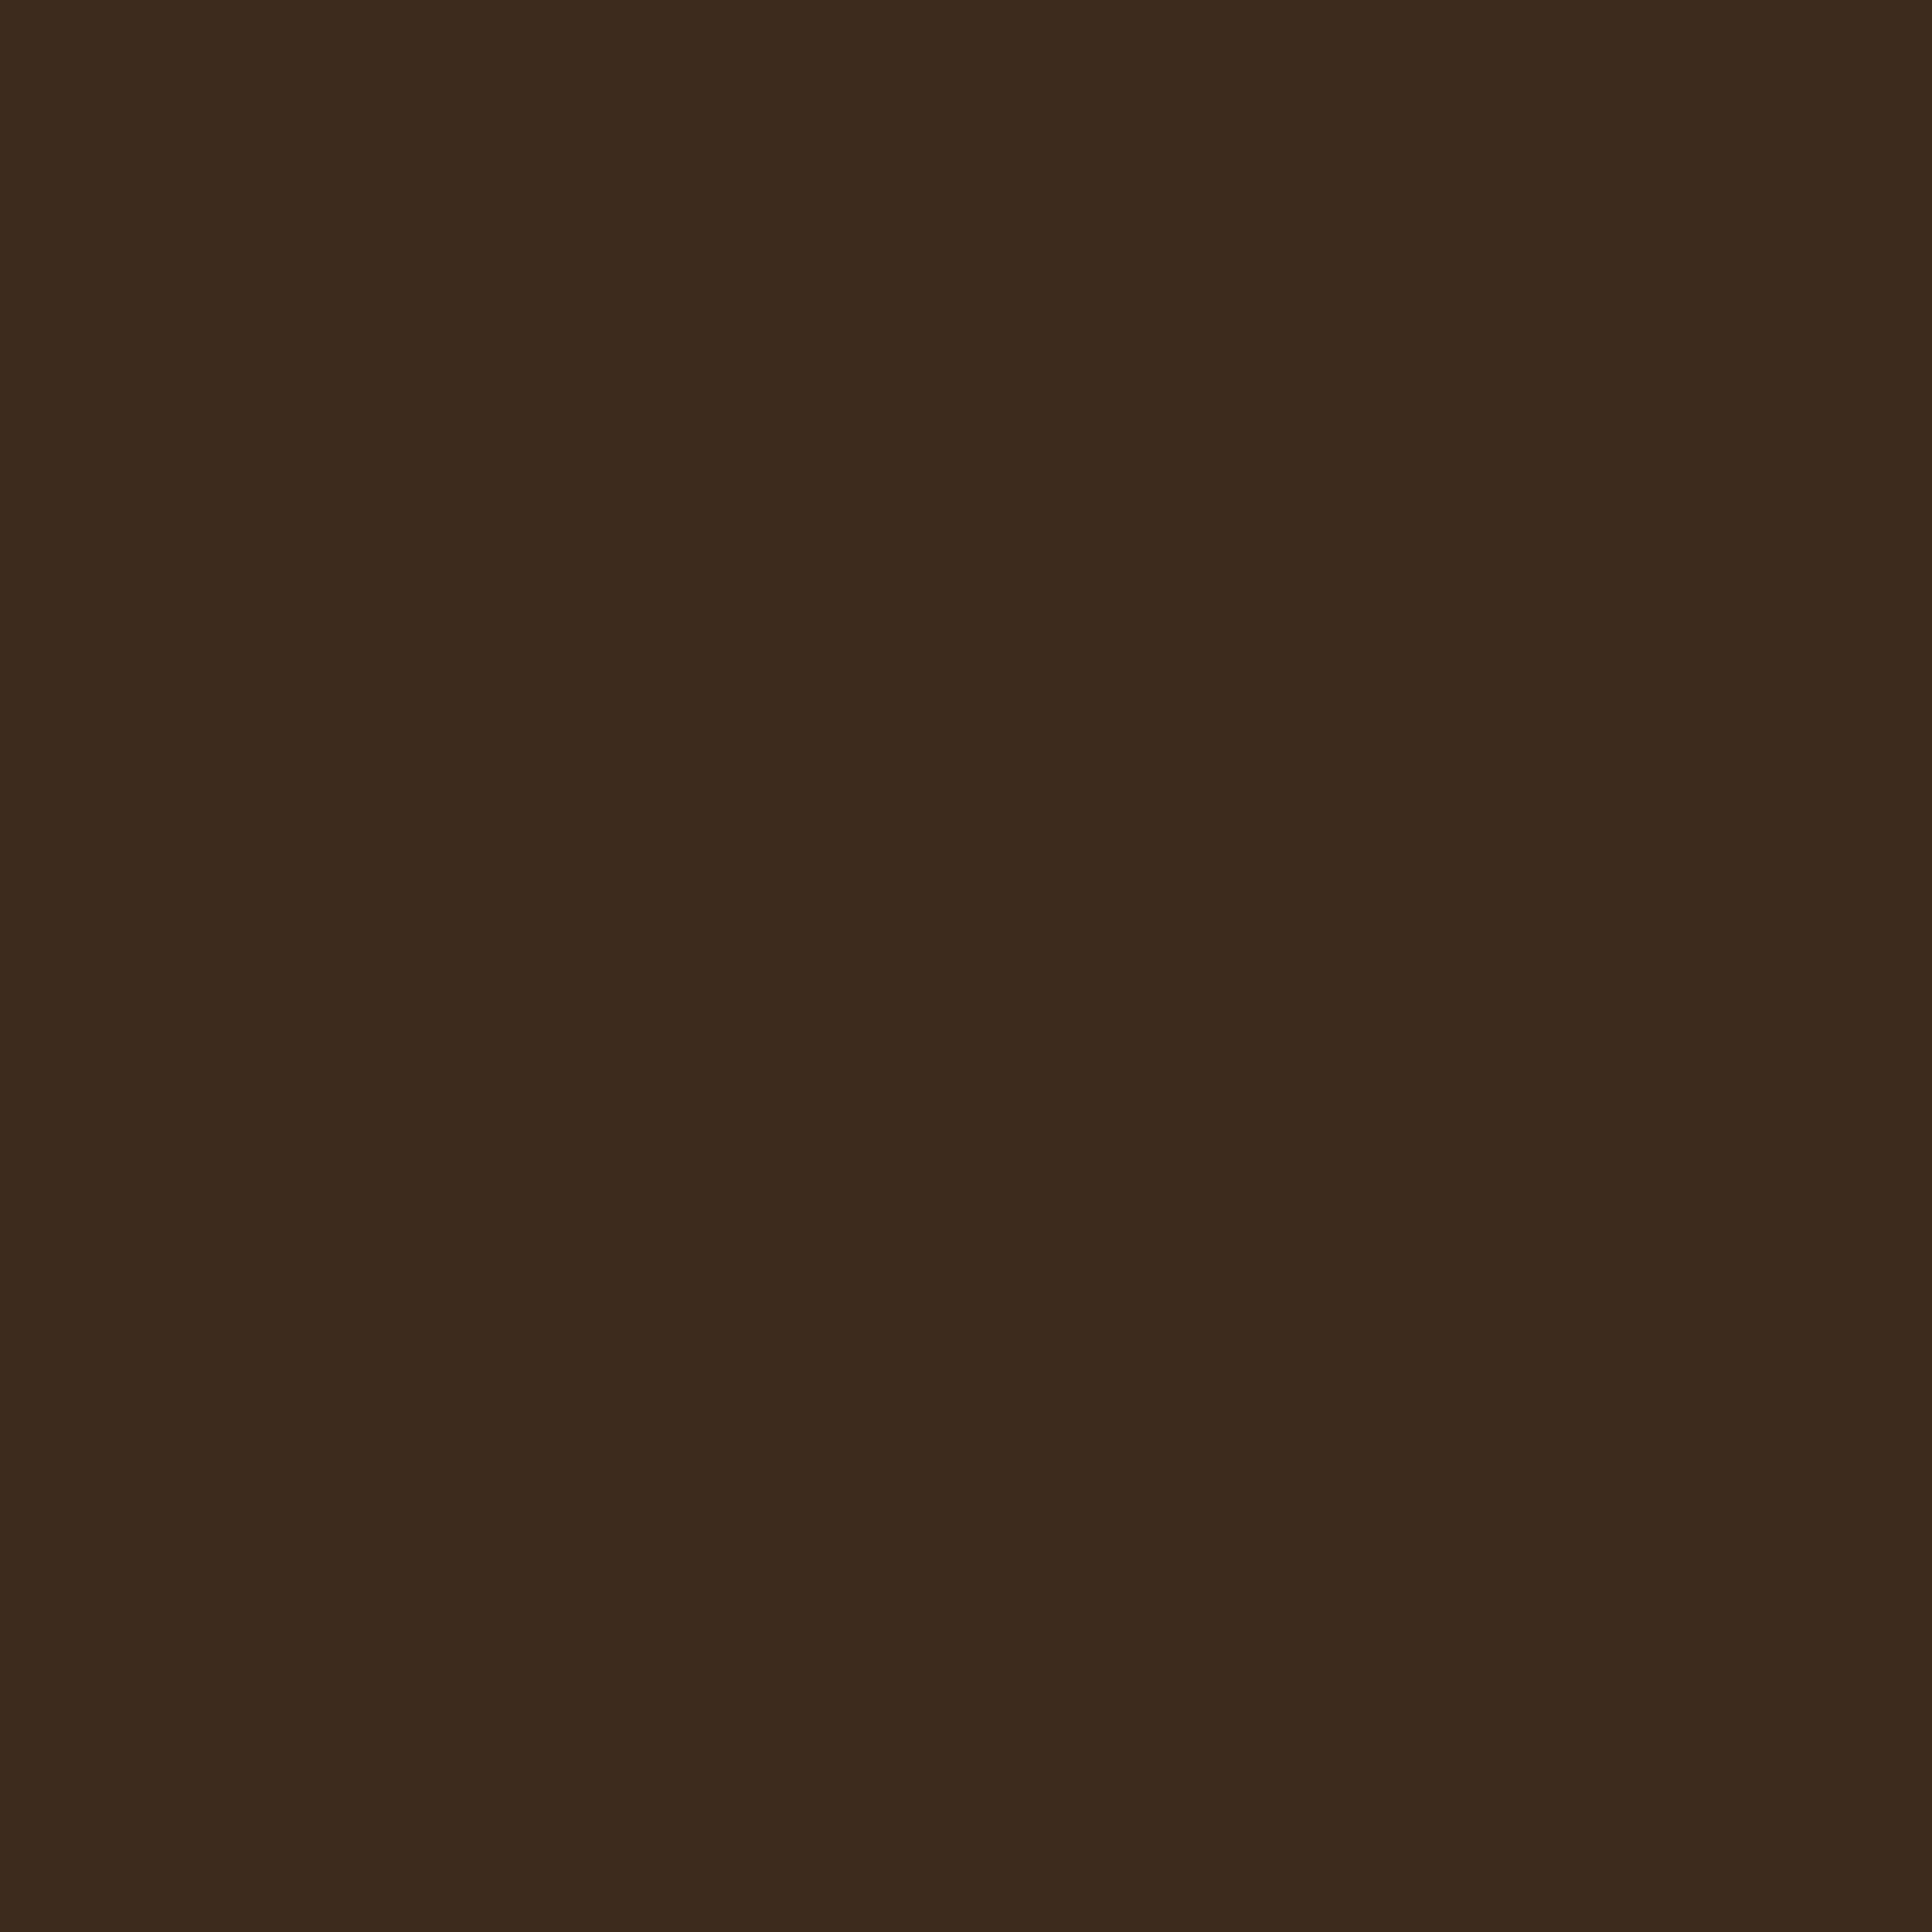 2048x2048 Bistre Solid Color Background